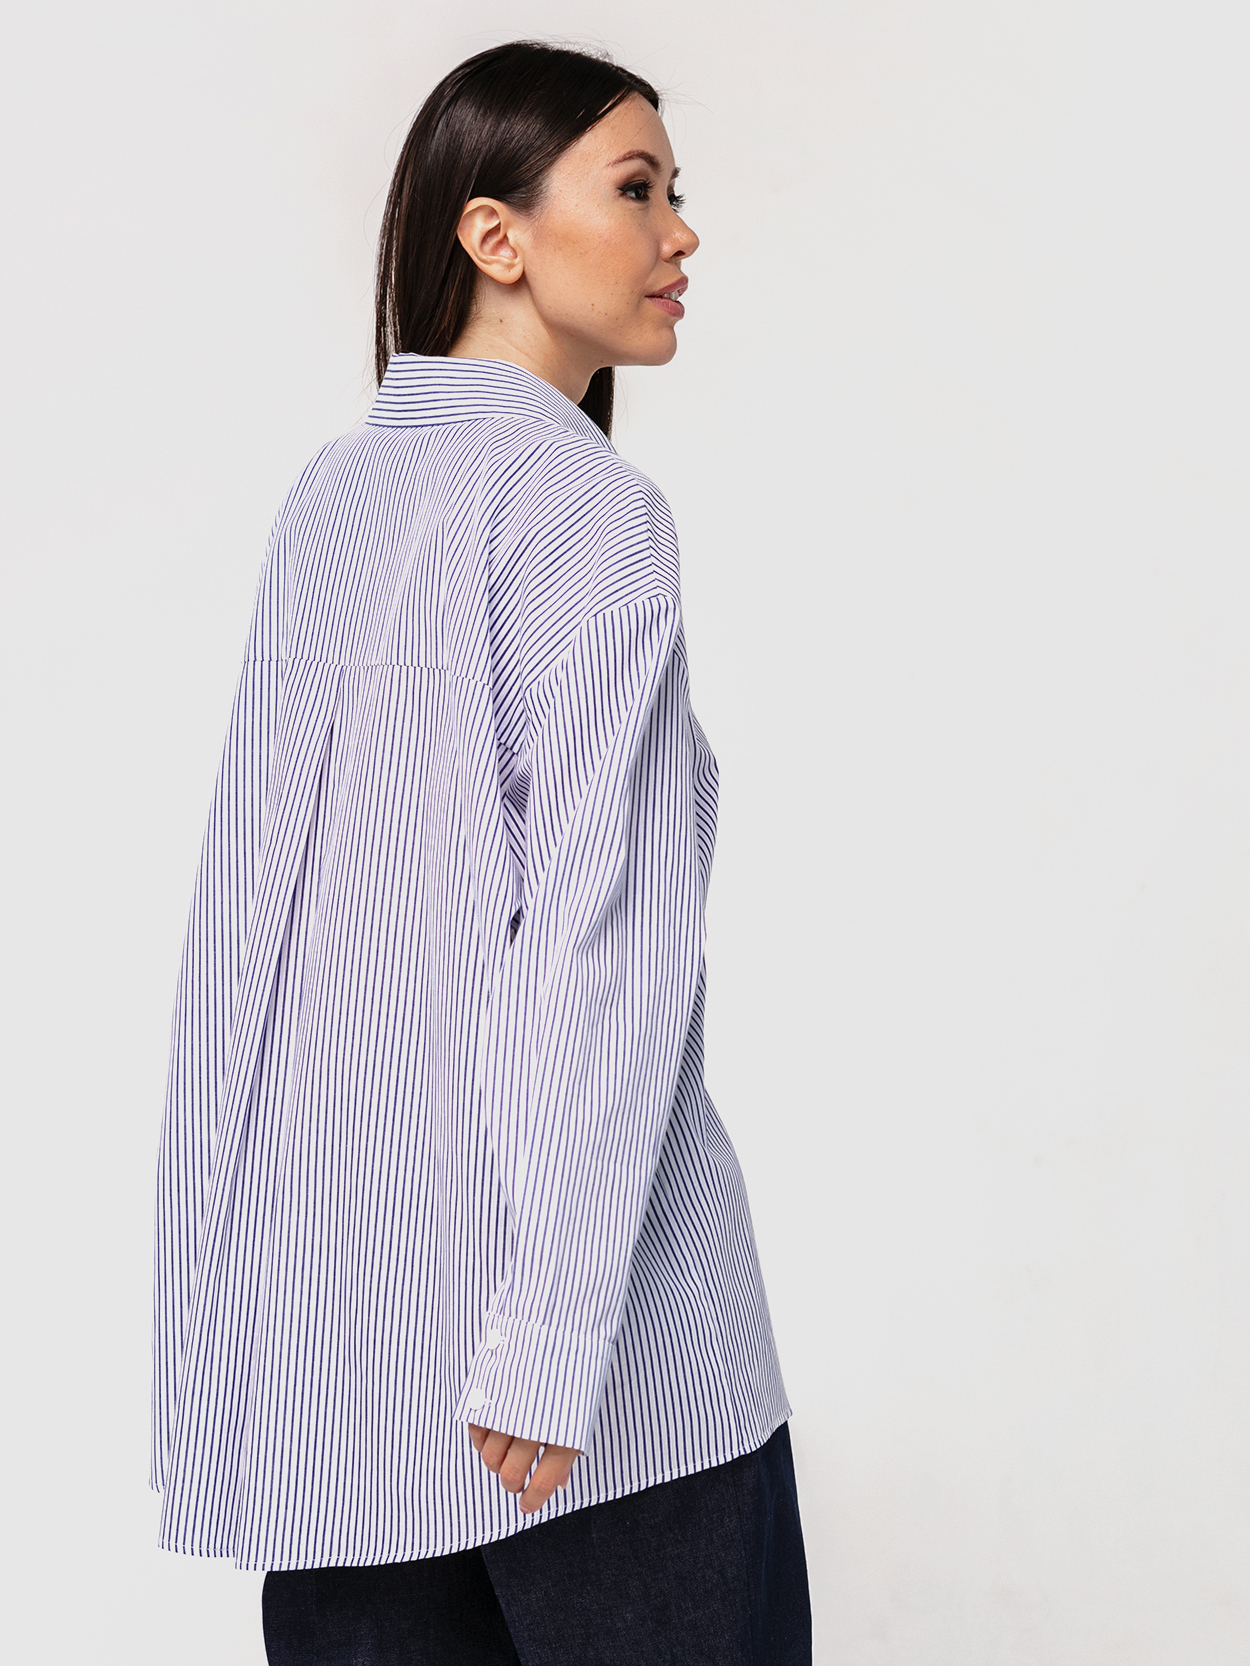 Хлопковая рубашка бойфренда в полоску с длинными рукавами YOS от украинского бренда Your Own Style